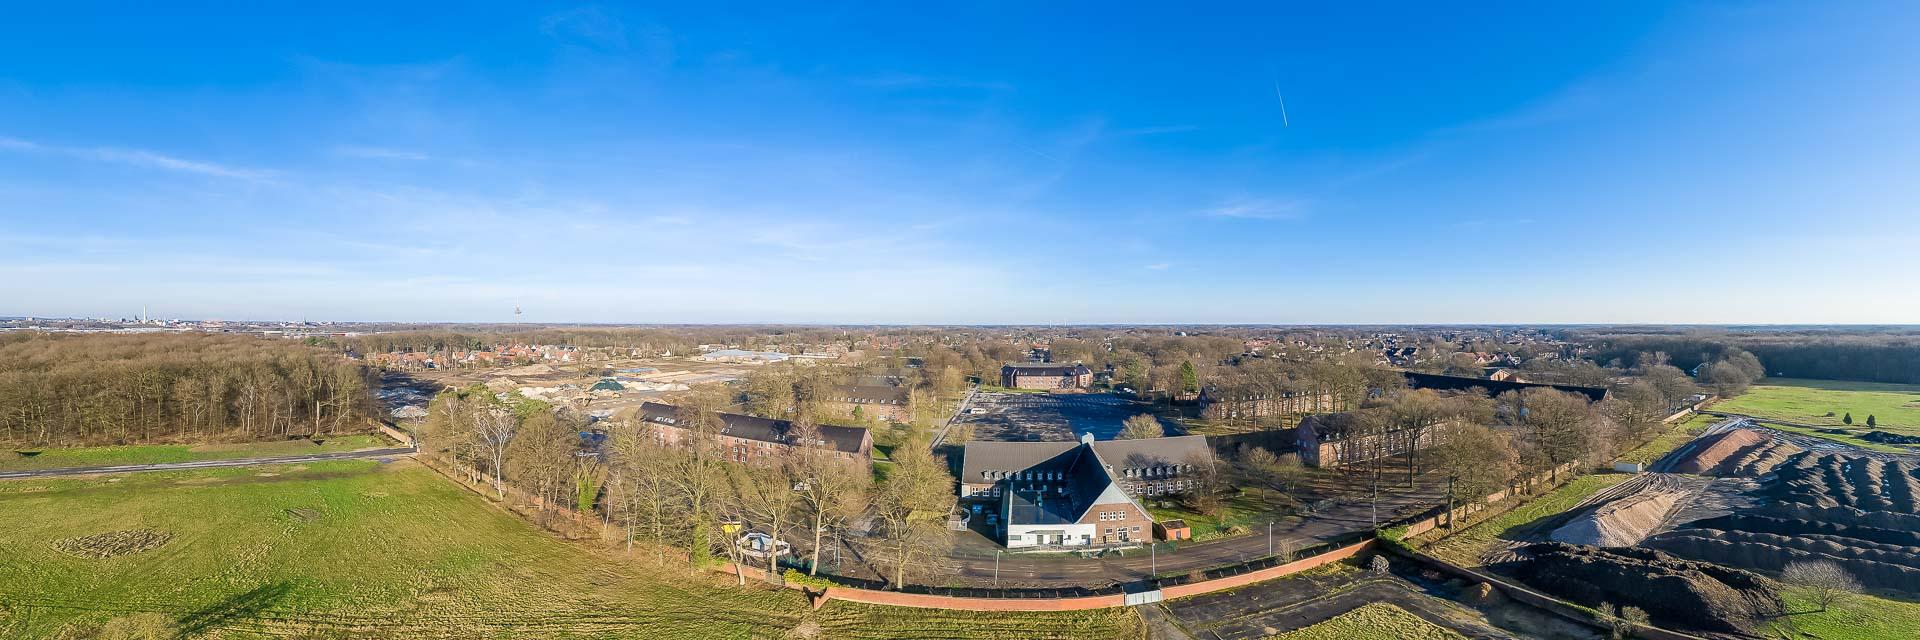 Panorama der York-Kaserne aus der Luft - ein zukünftiges Wohngebiet.